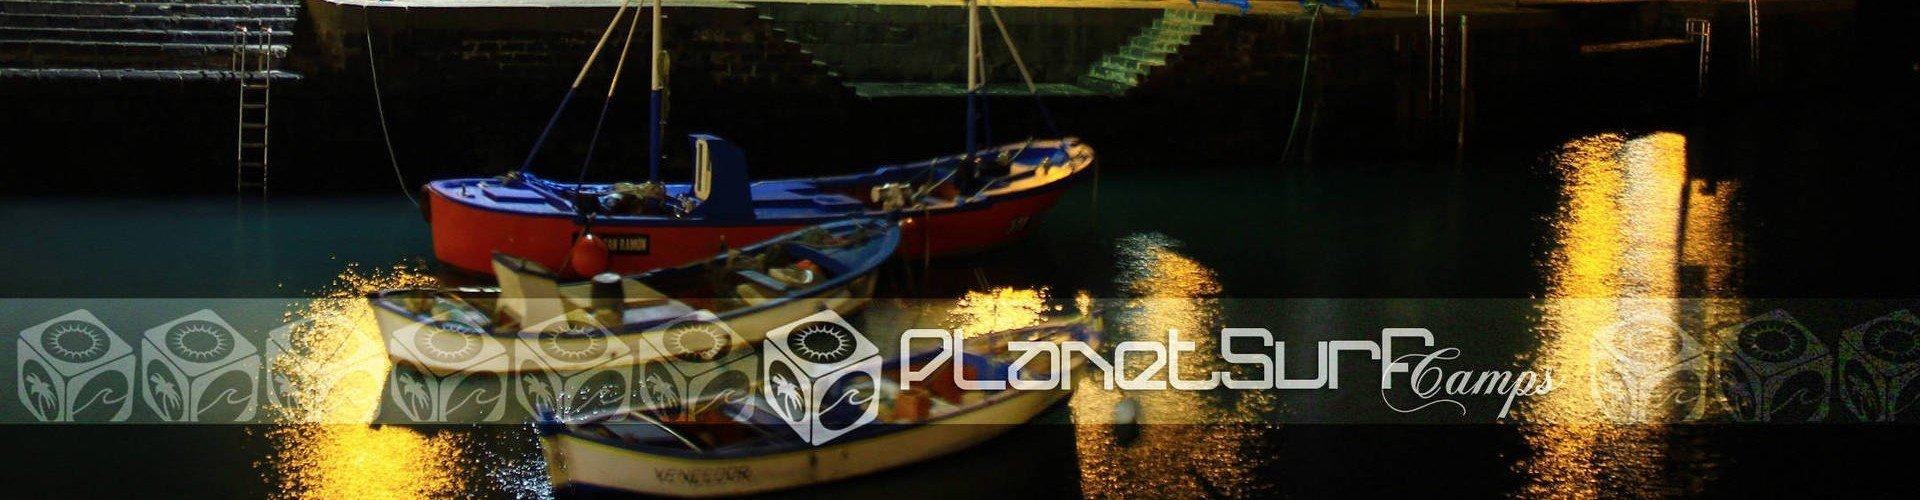 botes por la noche en pequeño puerto Canarias